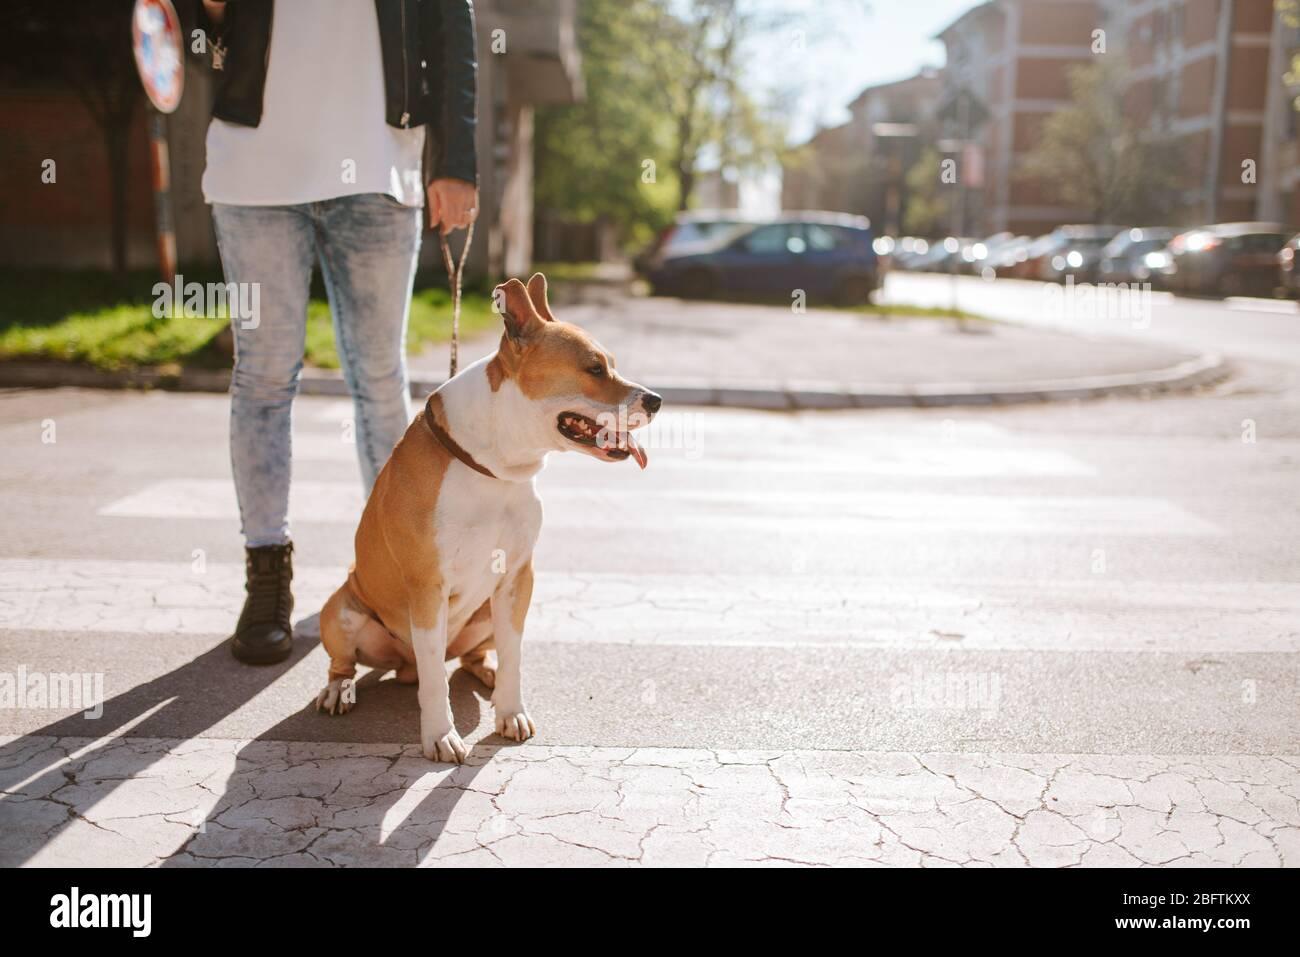 Schöne Hunderasse American Staffordshire Terrier mit einem kaukasischen Mädchen Auf der Straße Stockfoto